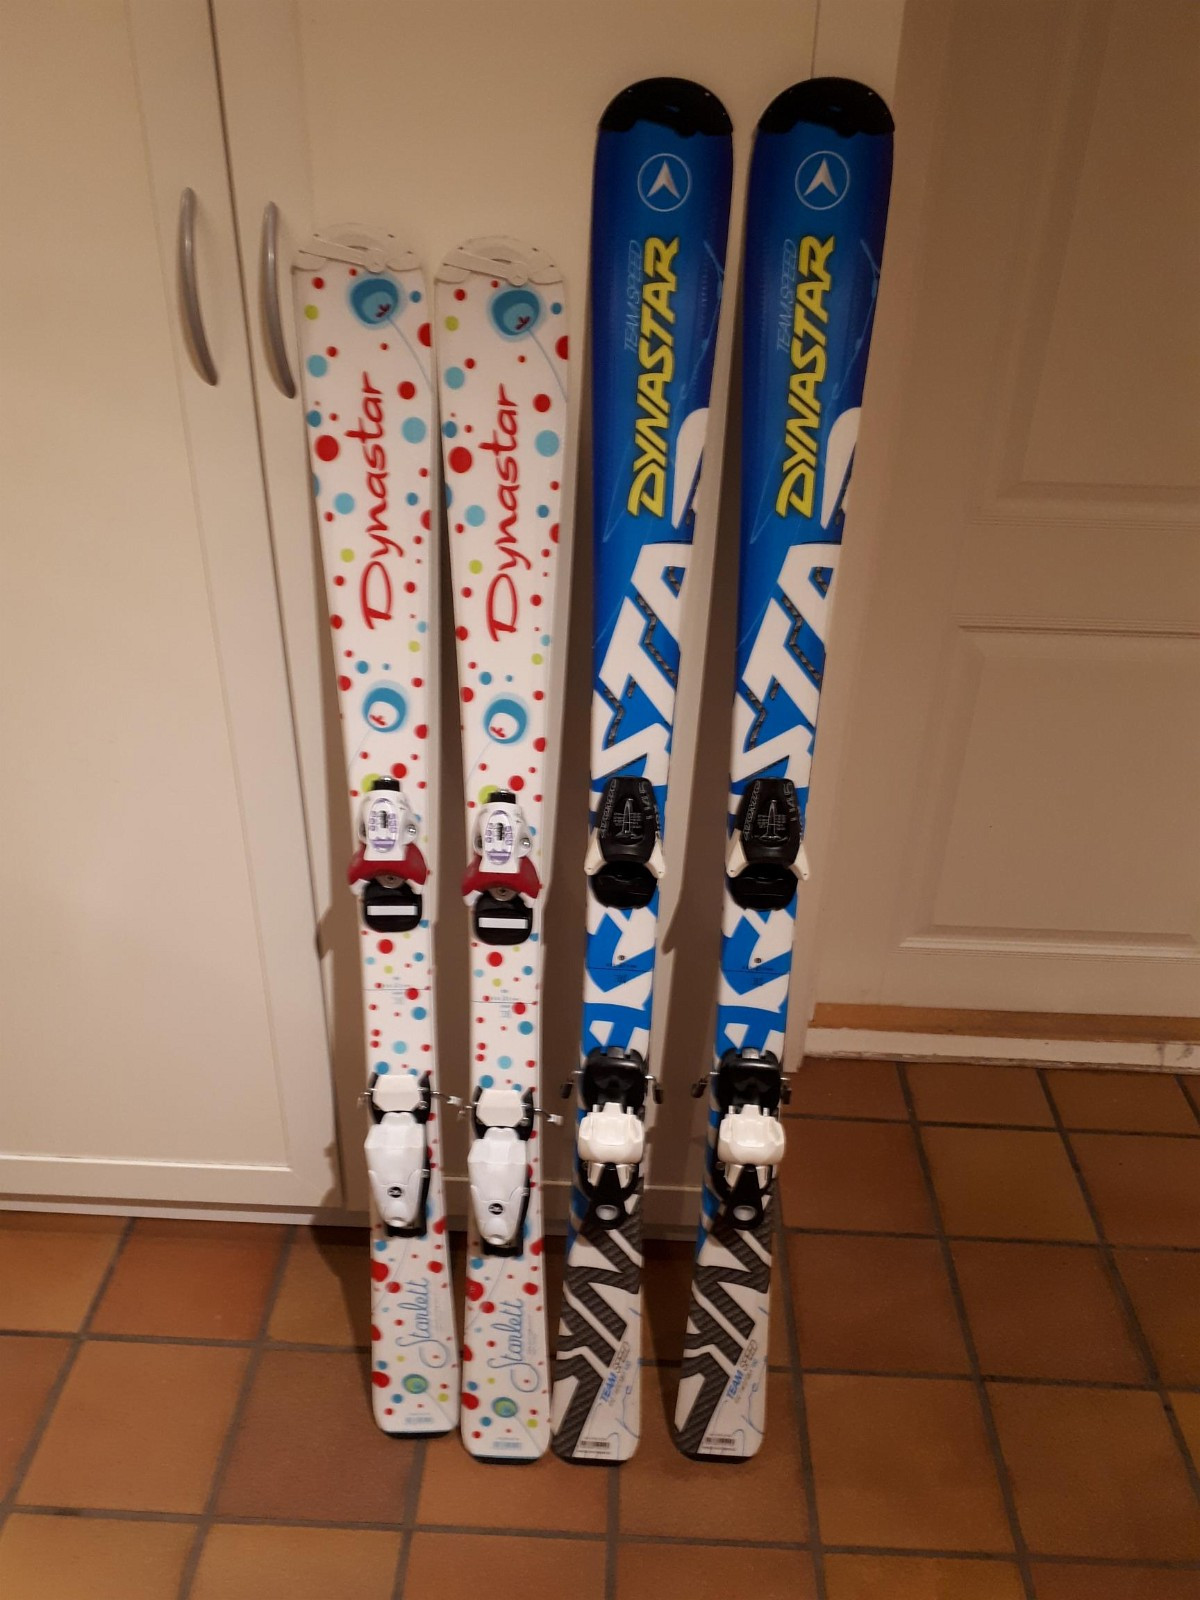 Alpin ski barn - Haslum  - Alpin ski Dynastar hvit 120, 250 Nok Alpin ski Dynastar blå 130, 350 Nok Må hentes selv. - Haslum